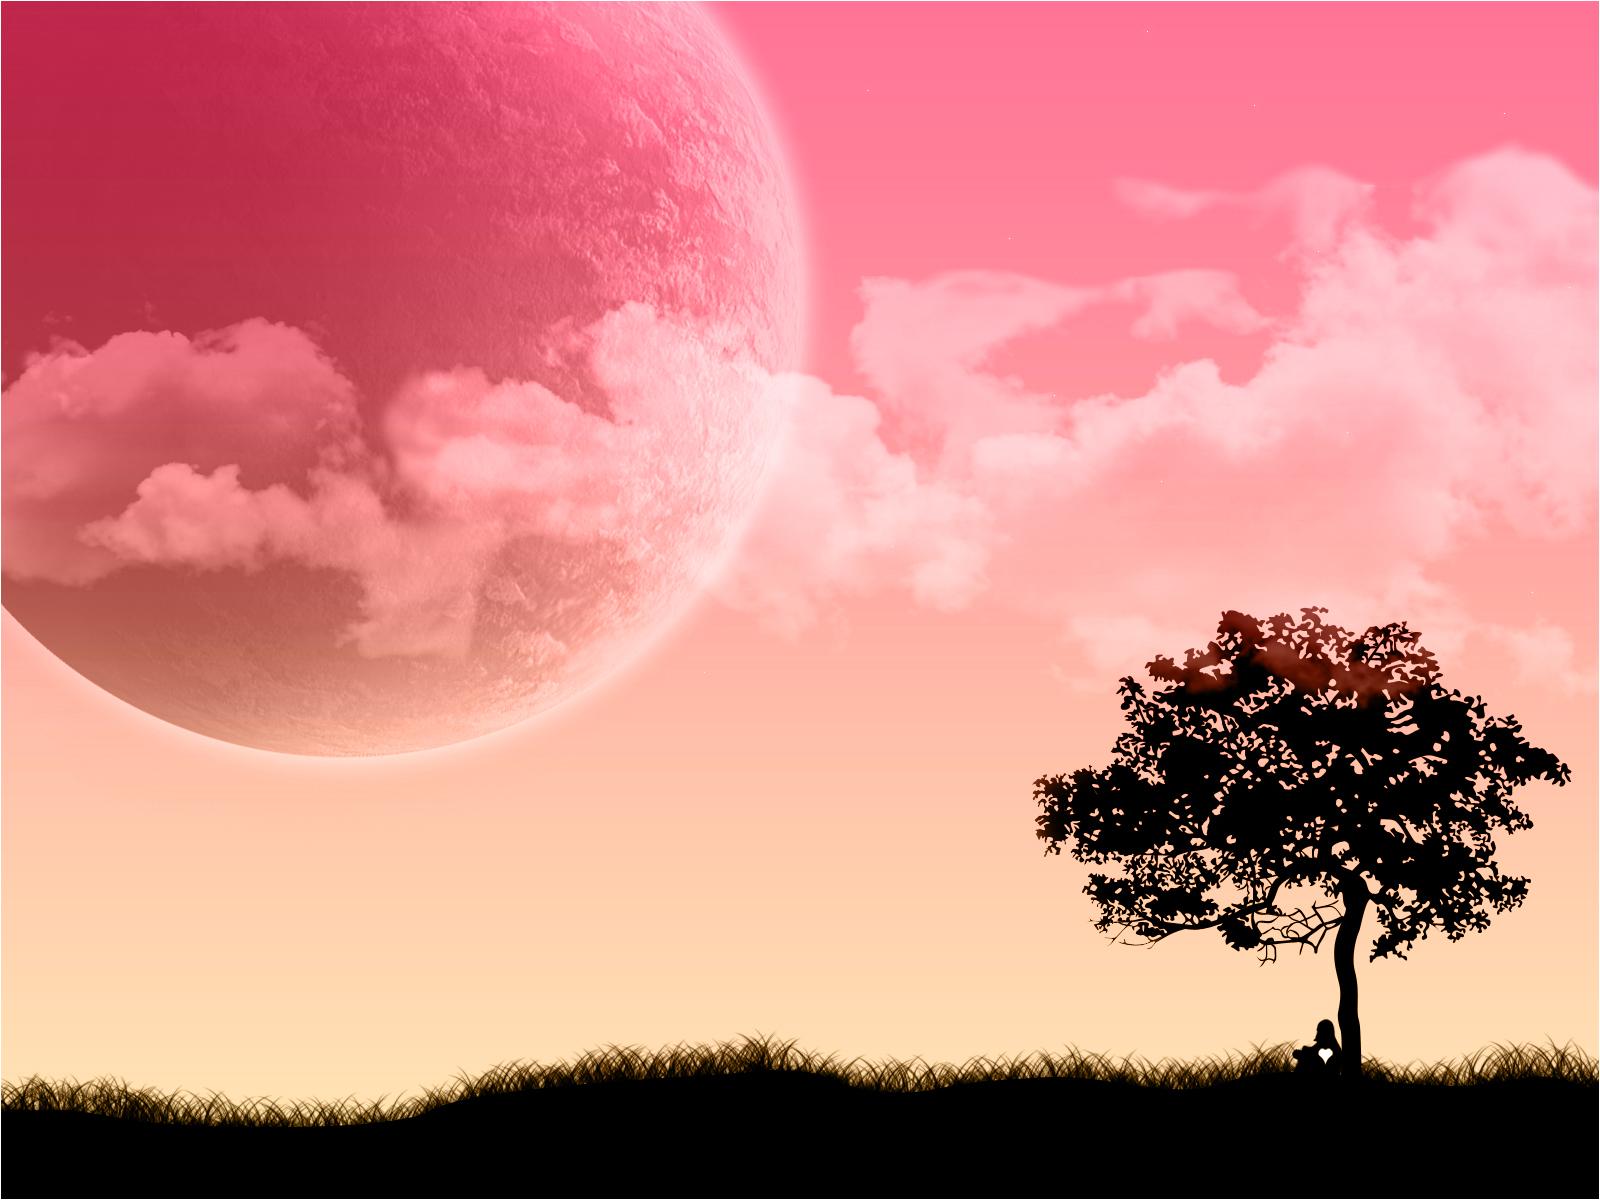 http://2.bp.blogspot.com/-D9Jr14GHoL8/TtzRGGrHkMI/AAAAAAAAAv0/0WISURoAFA8/s1600/pink-wallpaper-hd-1-796107.jpg